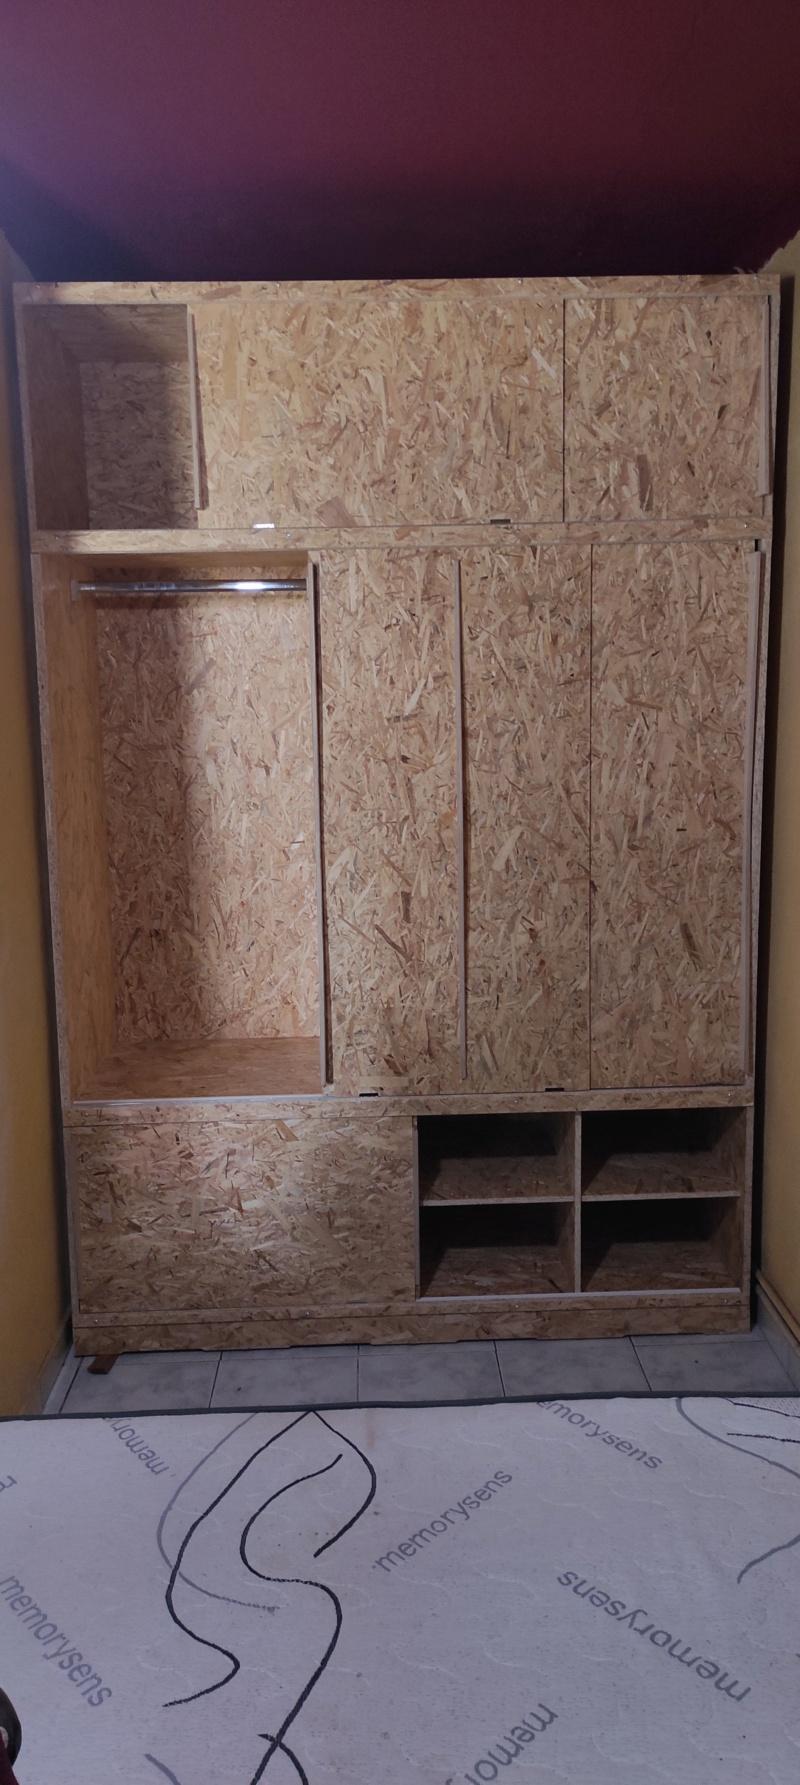 Conseils sur conception d'une grande armoire 16205614